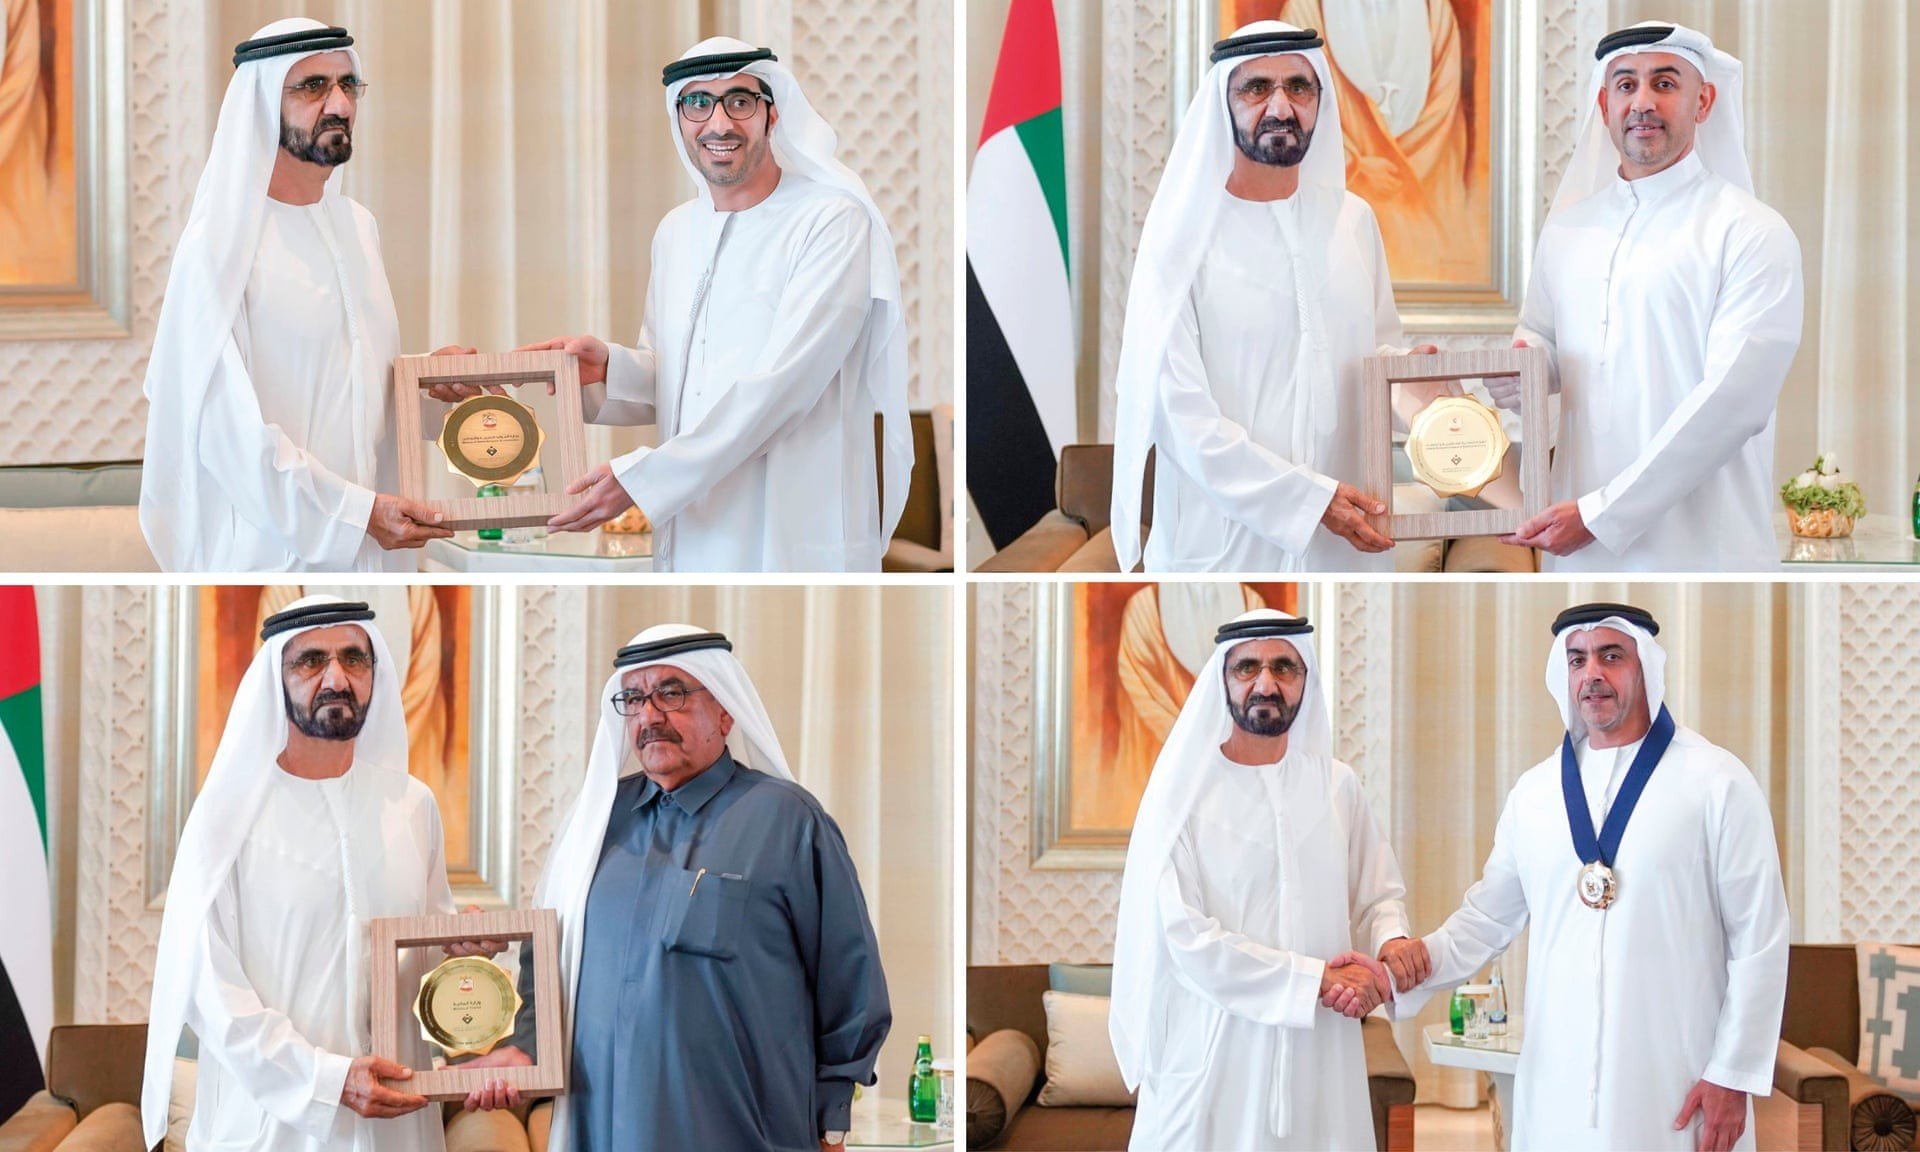 O sheik Mohammed bin Rashid al-Maktoum concede prêmios (Foto: Divulgação)